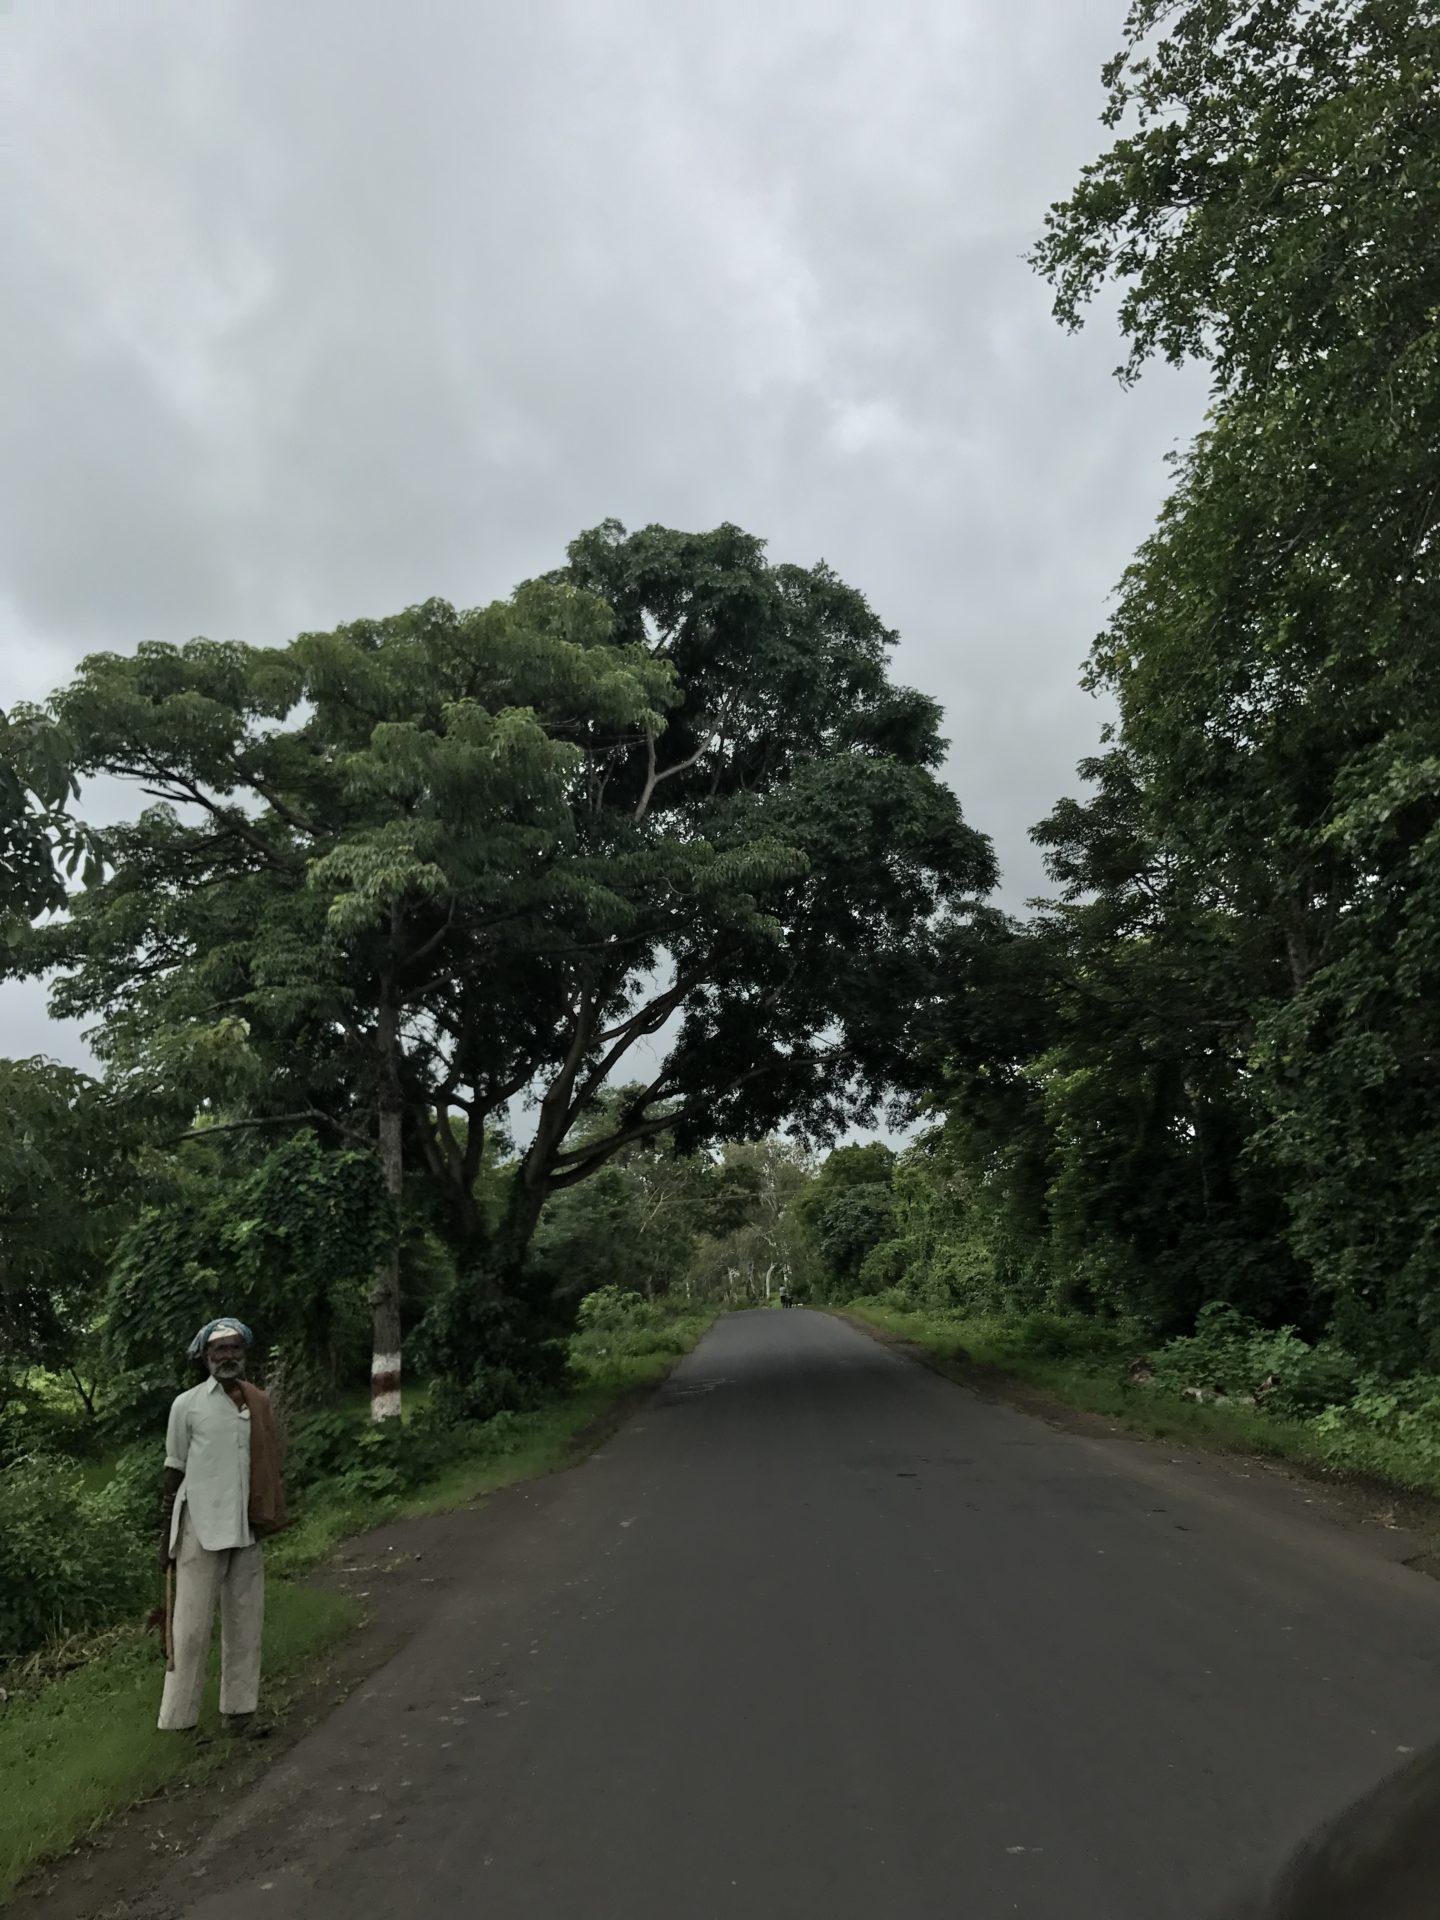 Mumbai To Goa & Goa To Mumbai on Road – Everything you need to know